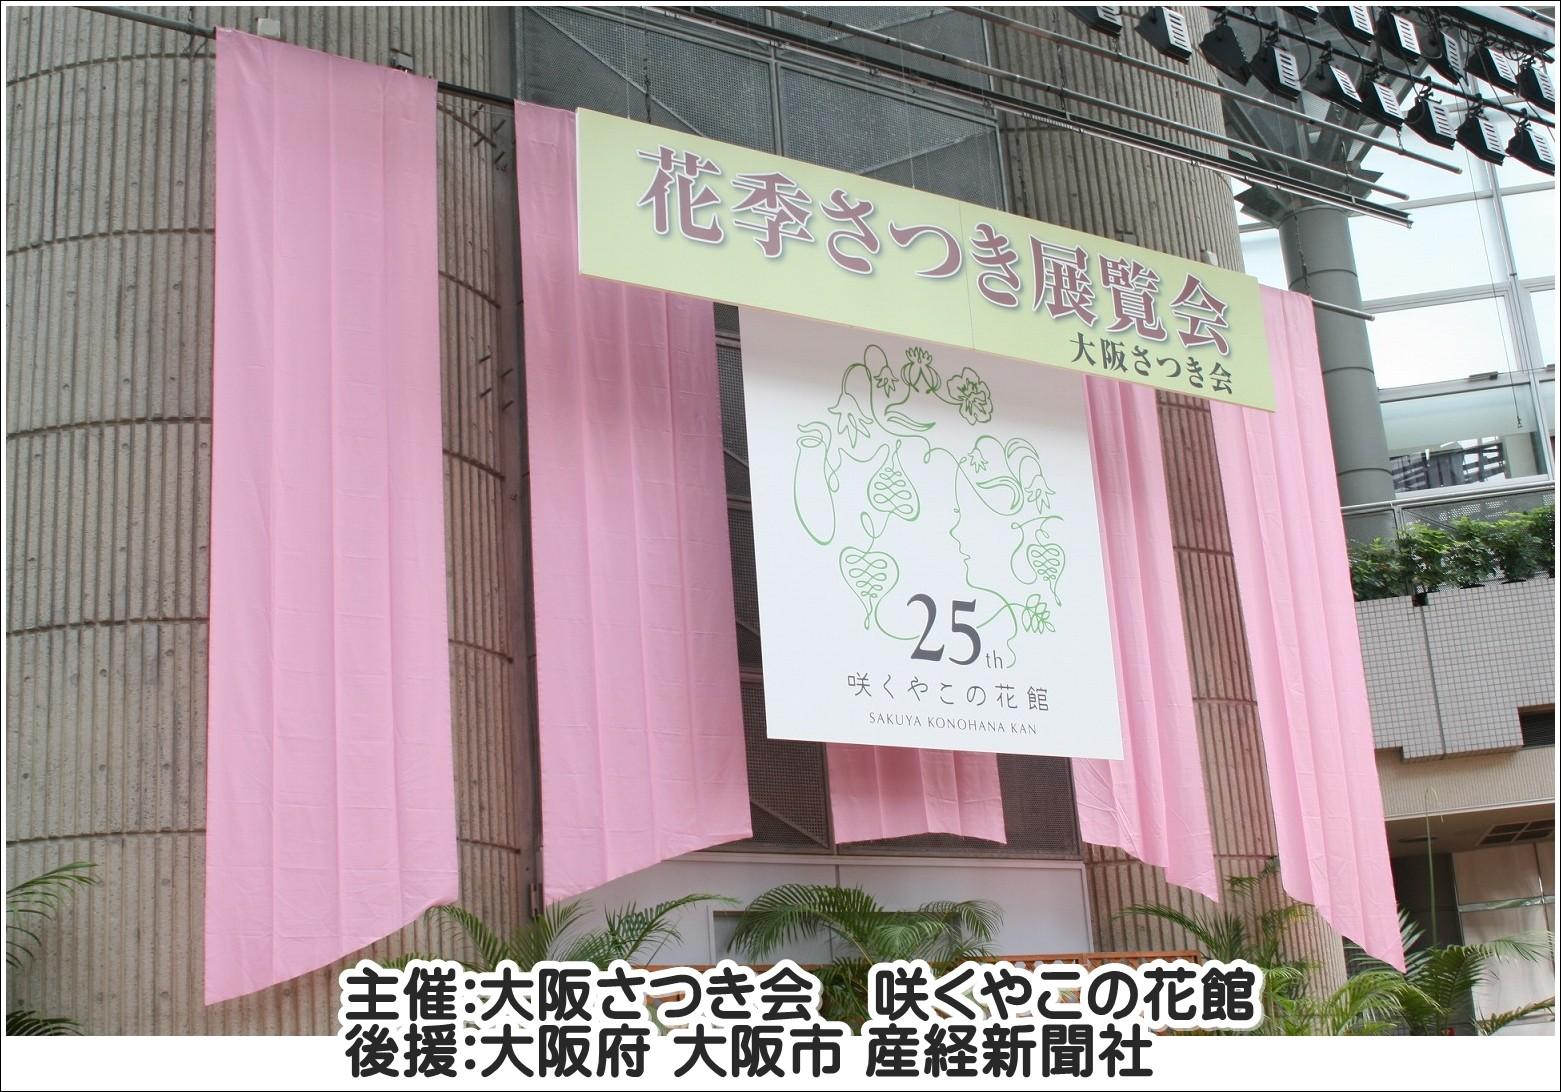 主催:大阪さつき会 咲くやこの花館 後援:大阪府大阪市産経新聞社